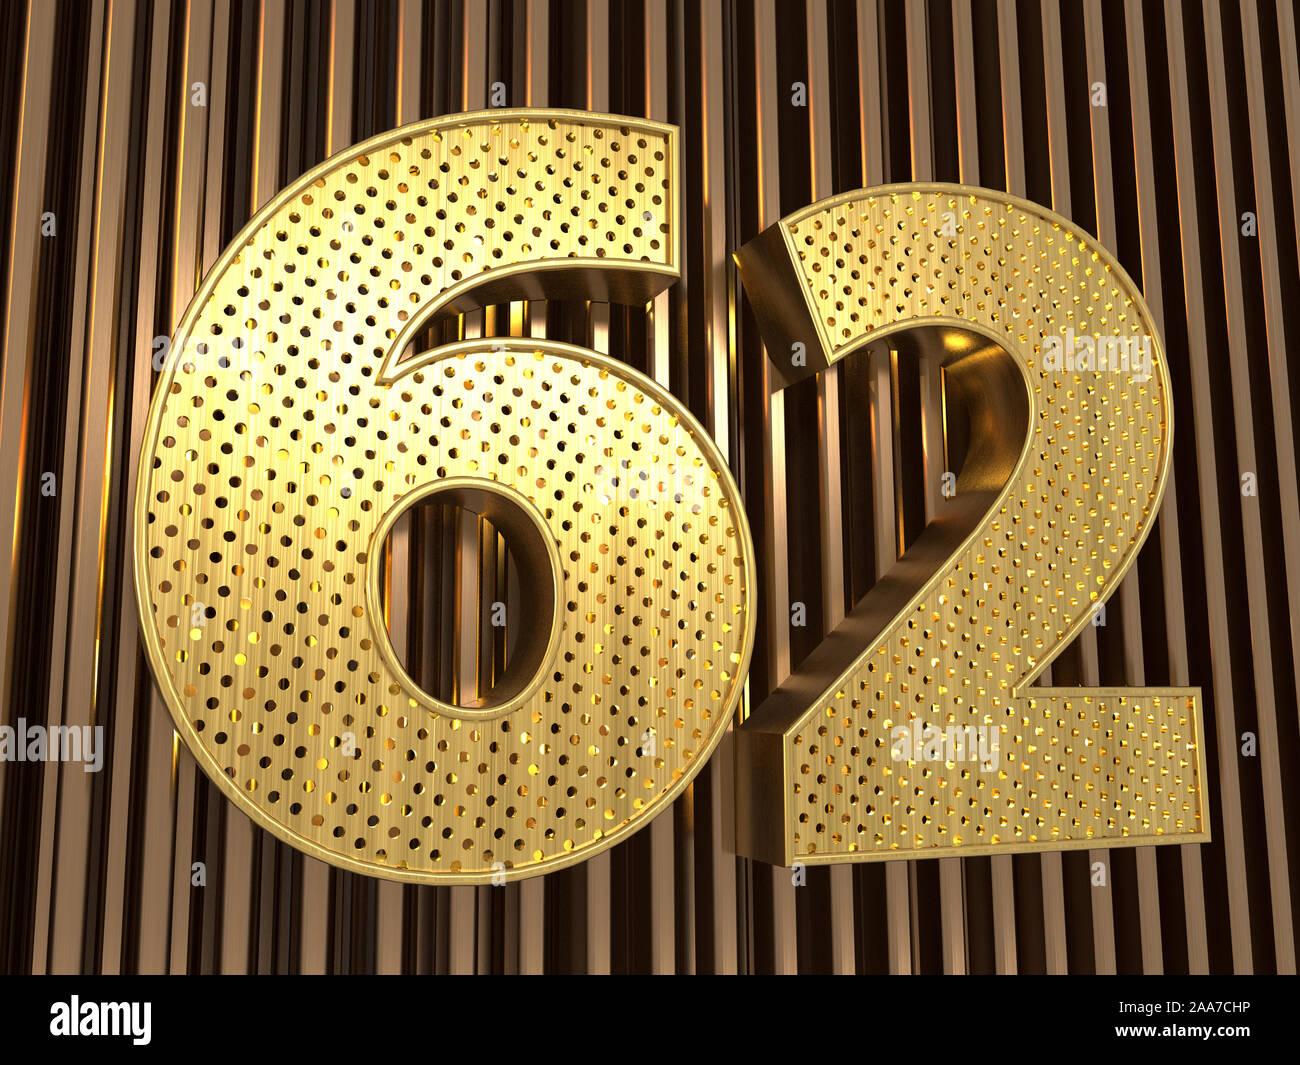 Imágenes numeradas - Página 2 El-numero-62-numero-62-perforado-con-agujeros-pequenos-en-el-fondo-de-metal-ilustracion-3d-2aa7chp